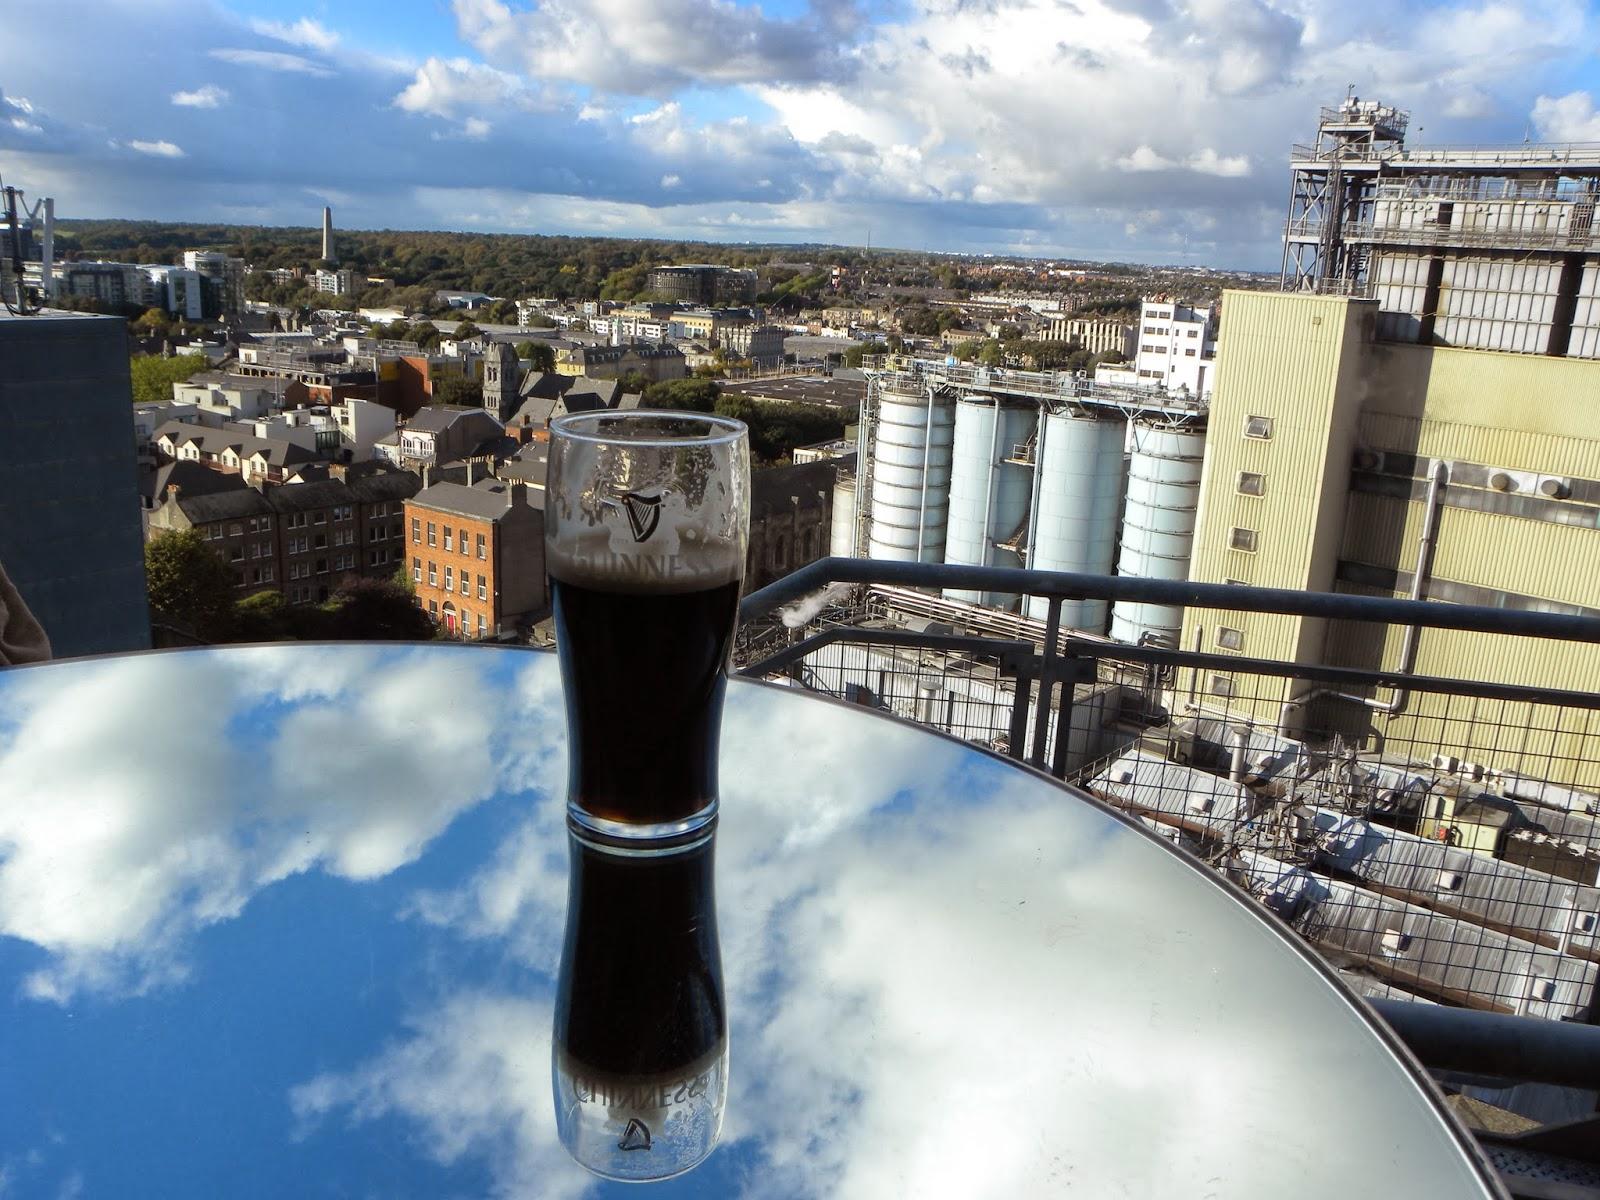 Fabrica de Guinness. Guía de viaje de Dublín. Tu Maleta.